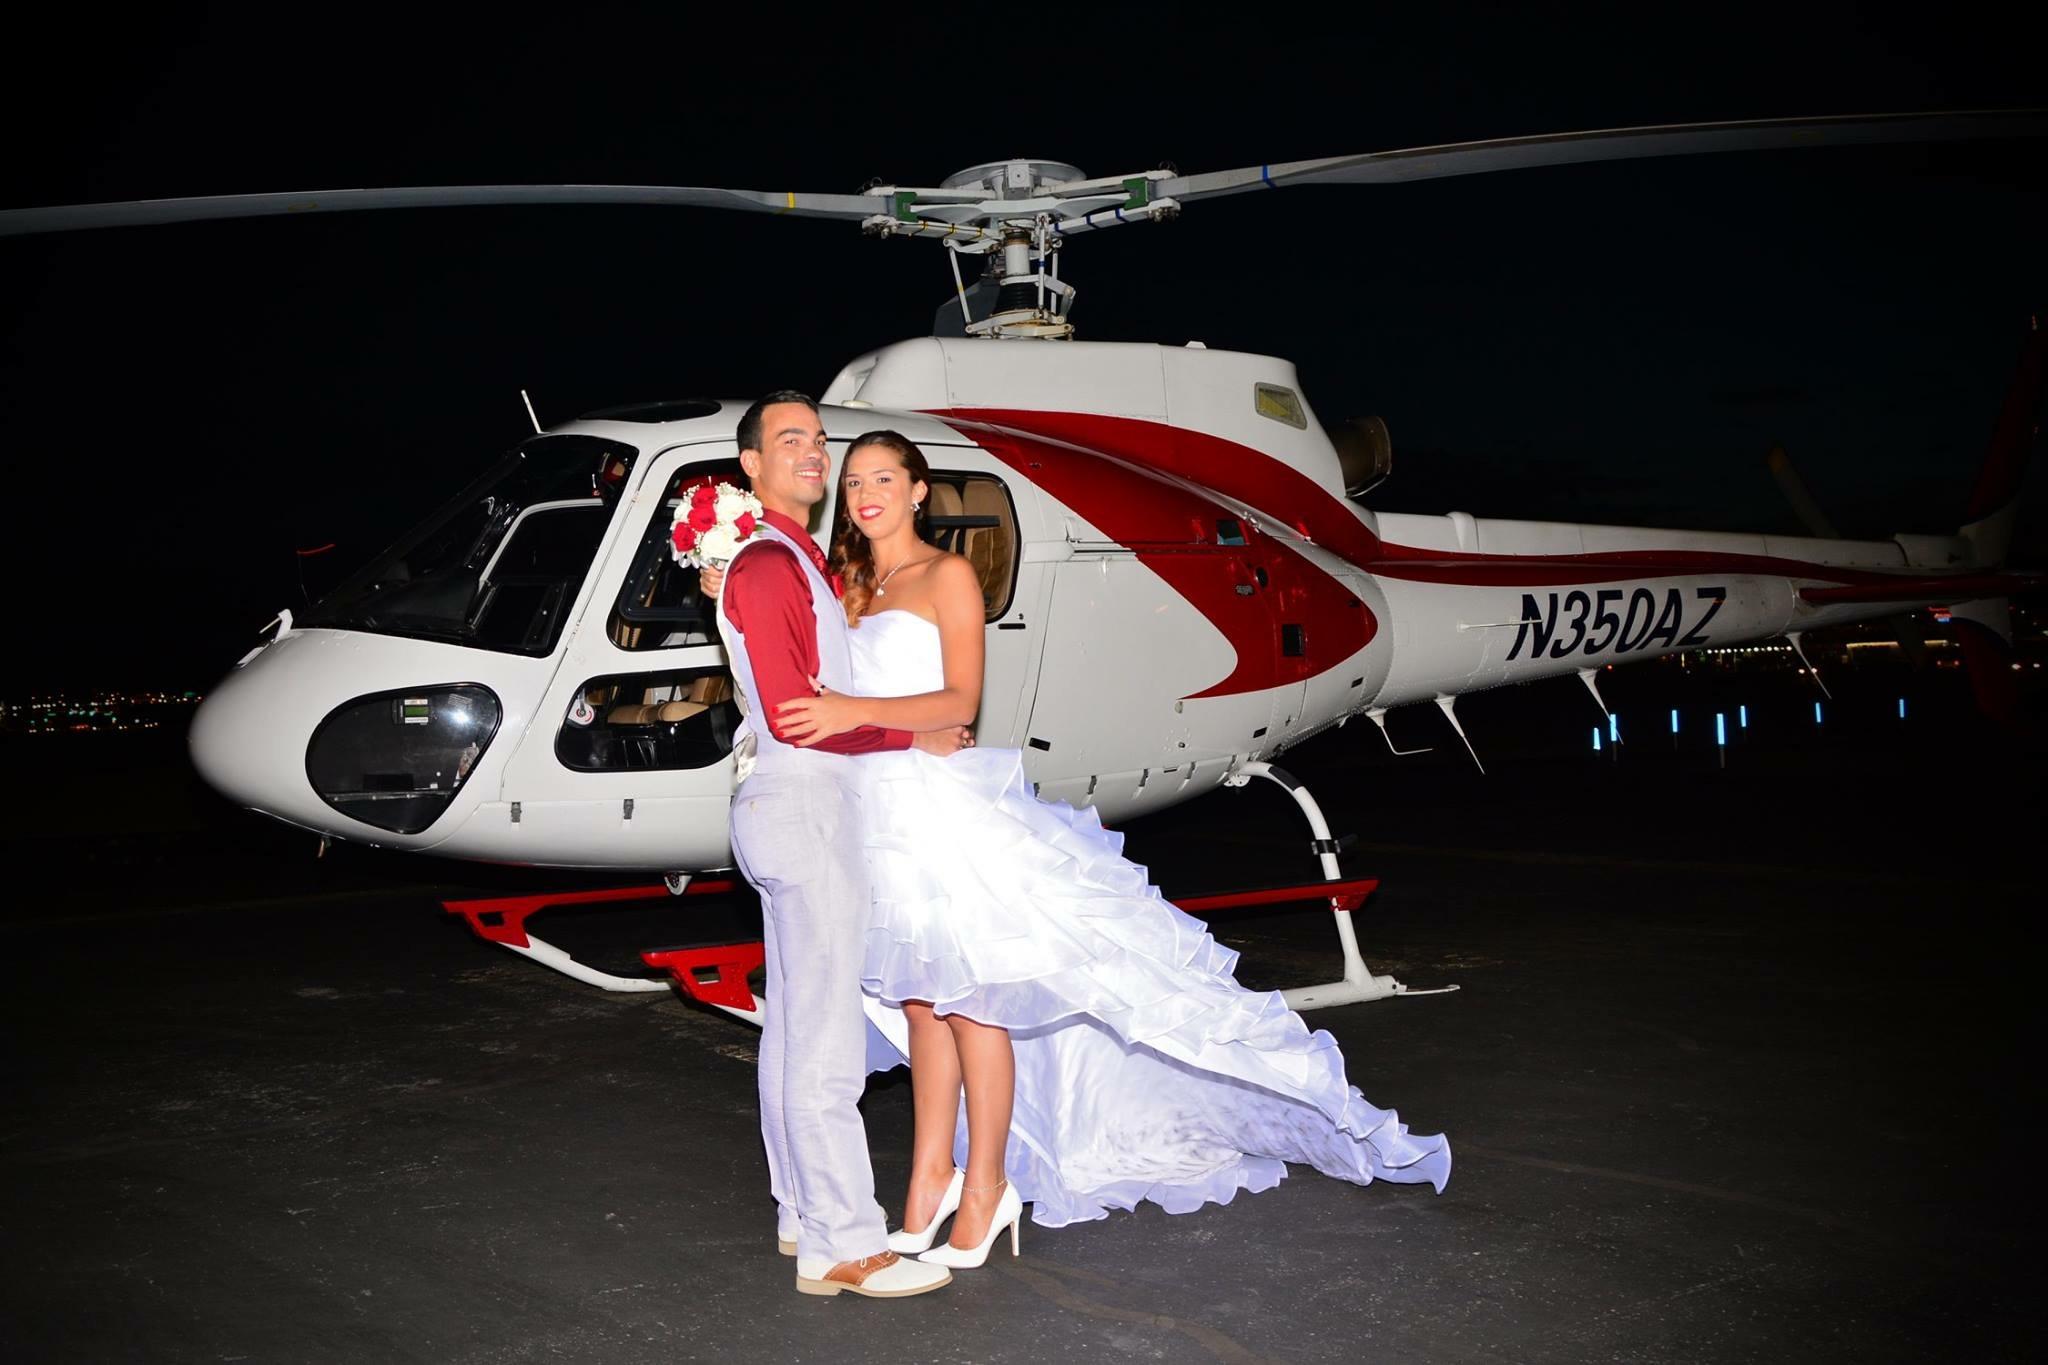 Wunderschönes Paar aus Frankreich nach der Helikopterhochzeit in Las Vegas